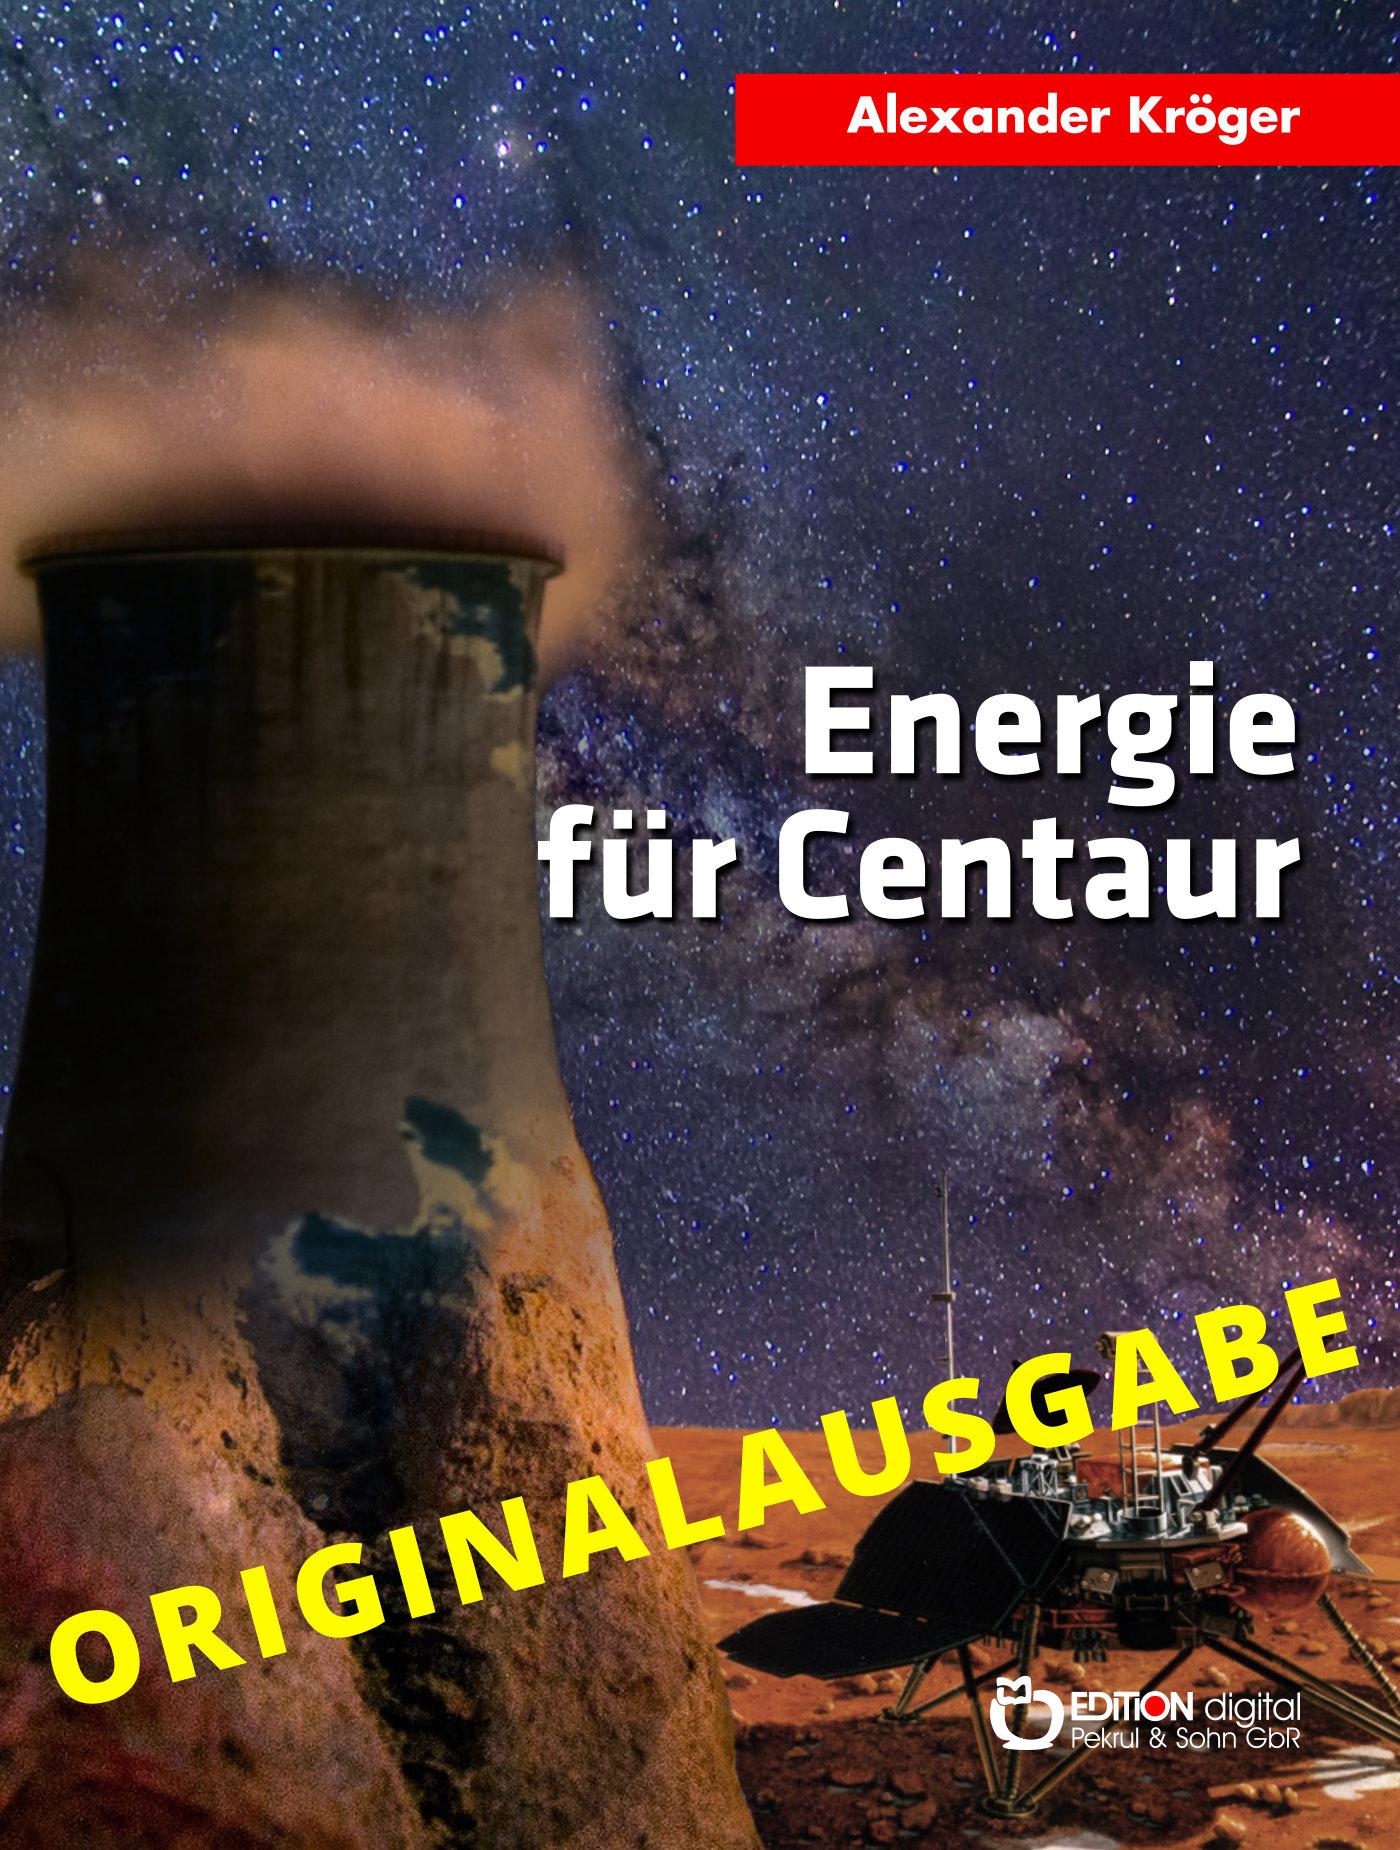 Energie für Centaur - Originalausgabe. Wissenschaftlich-phantastischer Roman von Alexander Kröger